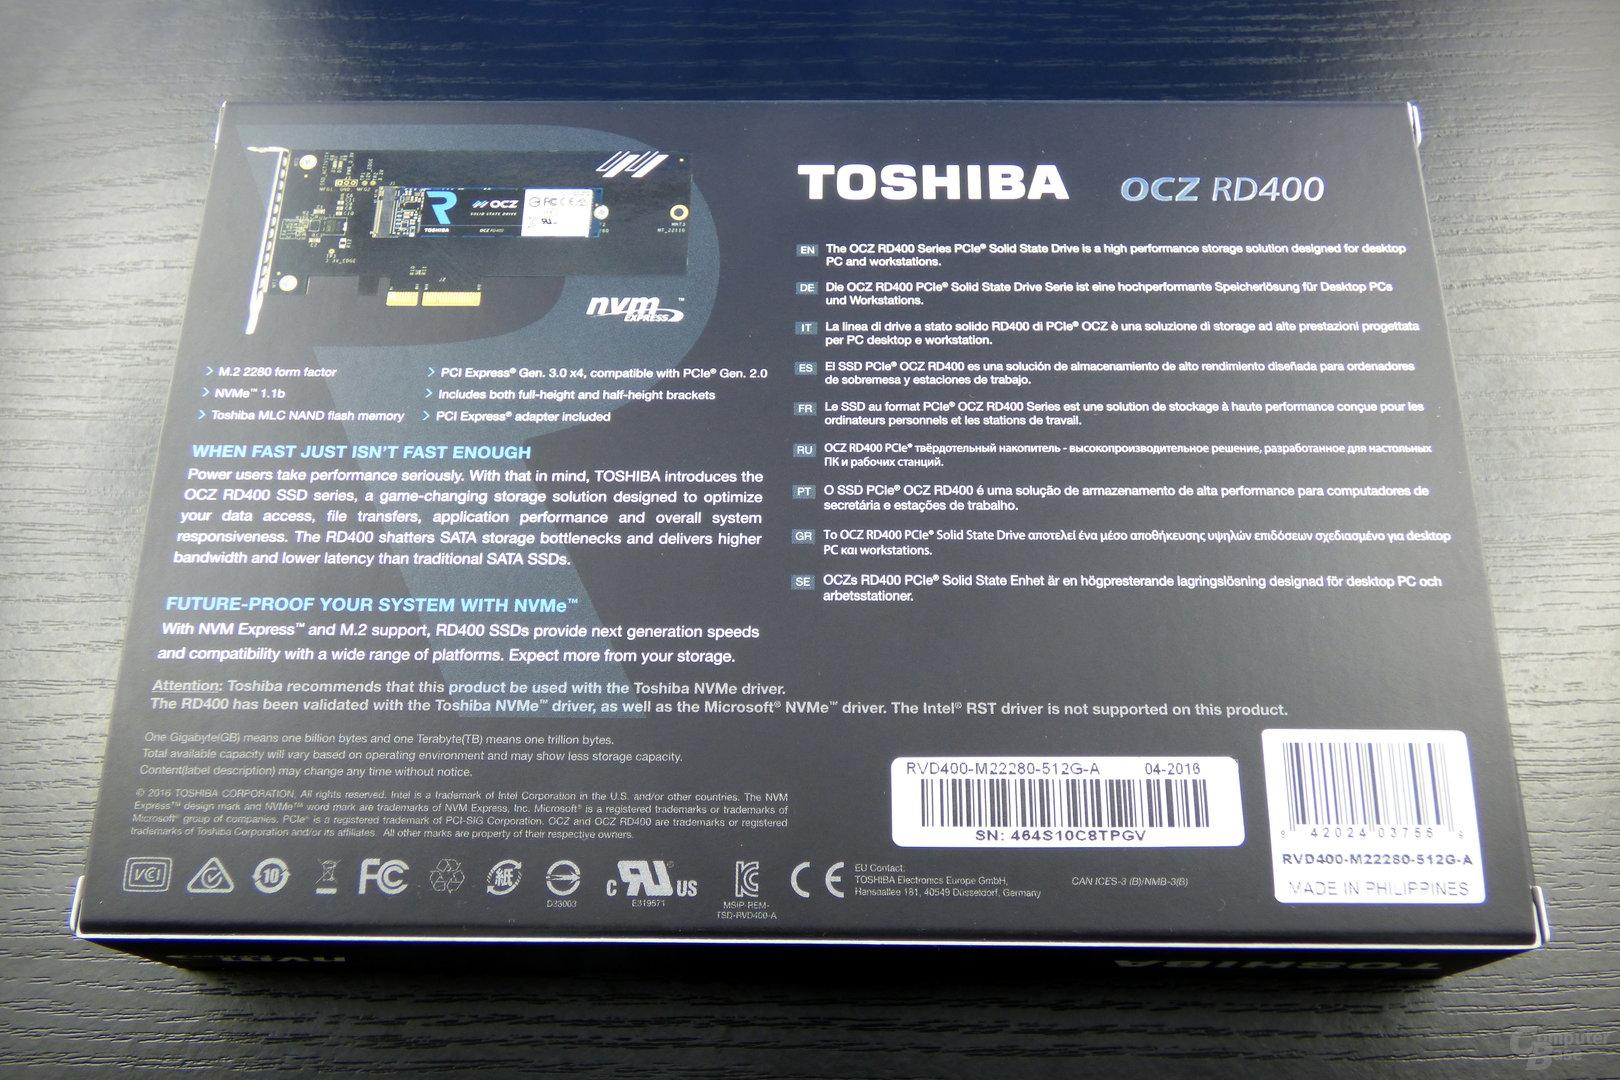 Die Verpackung der Toshiba OCZ RD400A